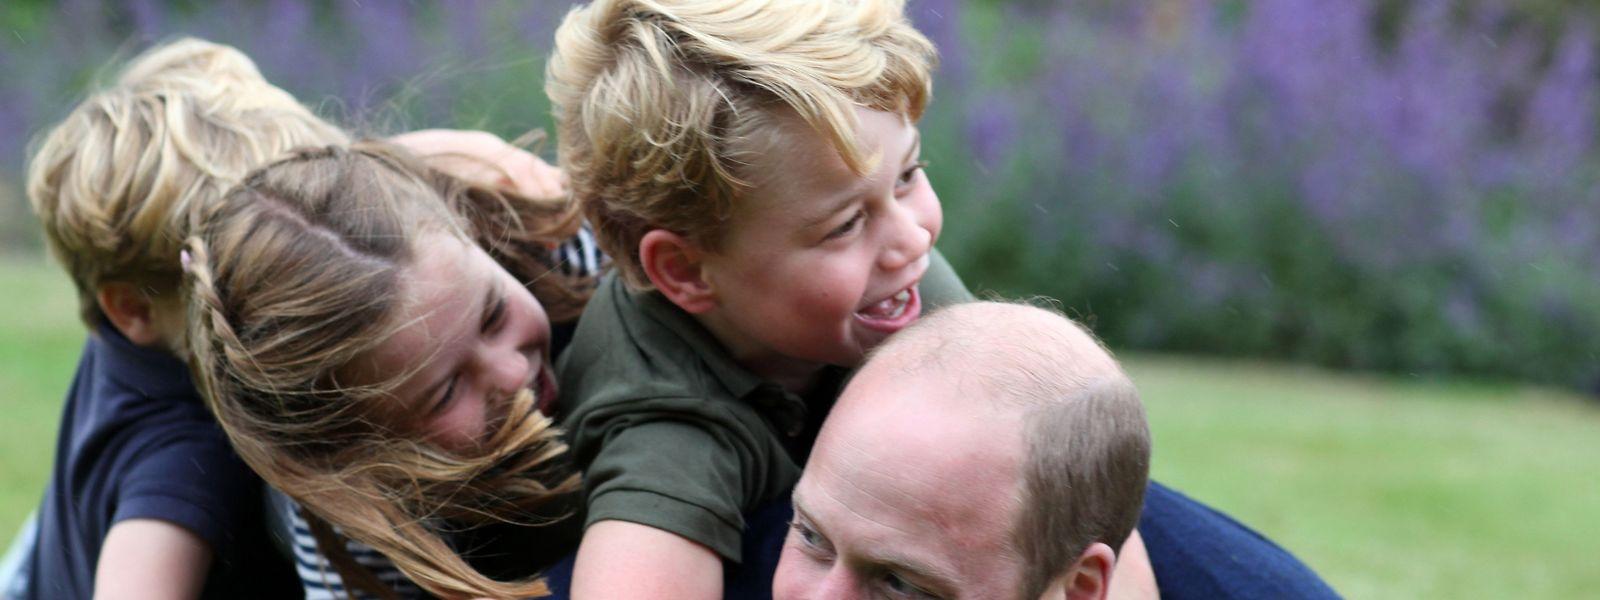 Prinz William mit seinen drei Kindern Prinz George, Prinzessin Charlotte und Prinz Louis (von rechts nach links)